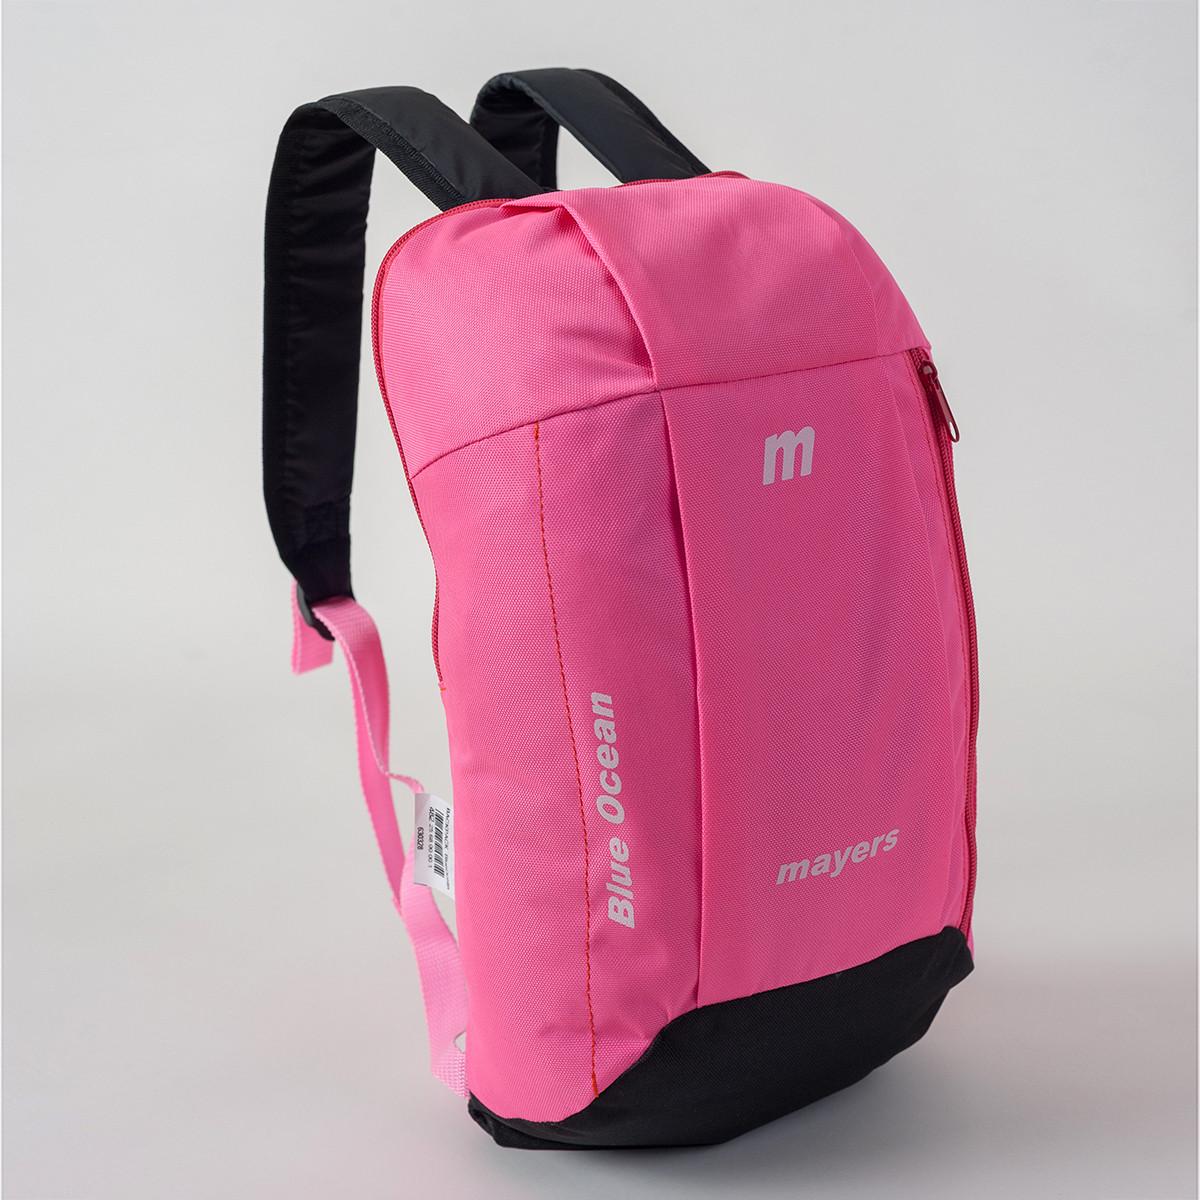 Спортивный рюкзак MAYERS 10L, светло-розовый + черный, фото 2